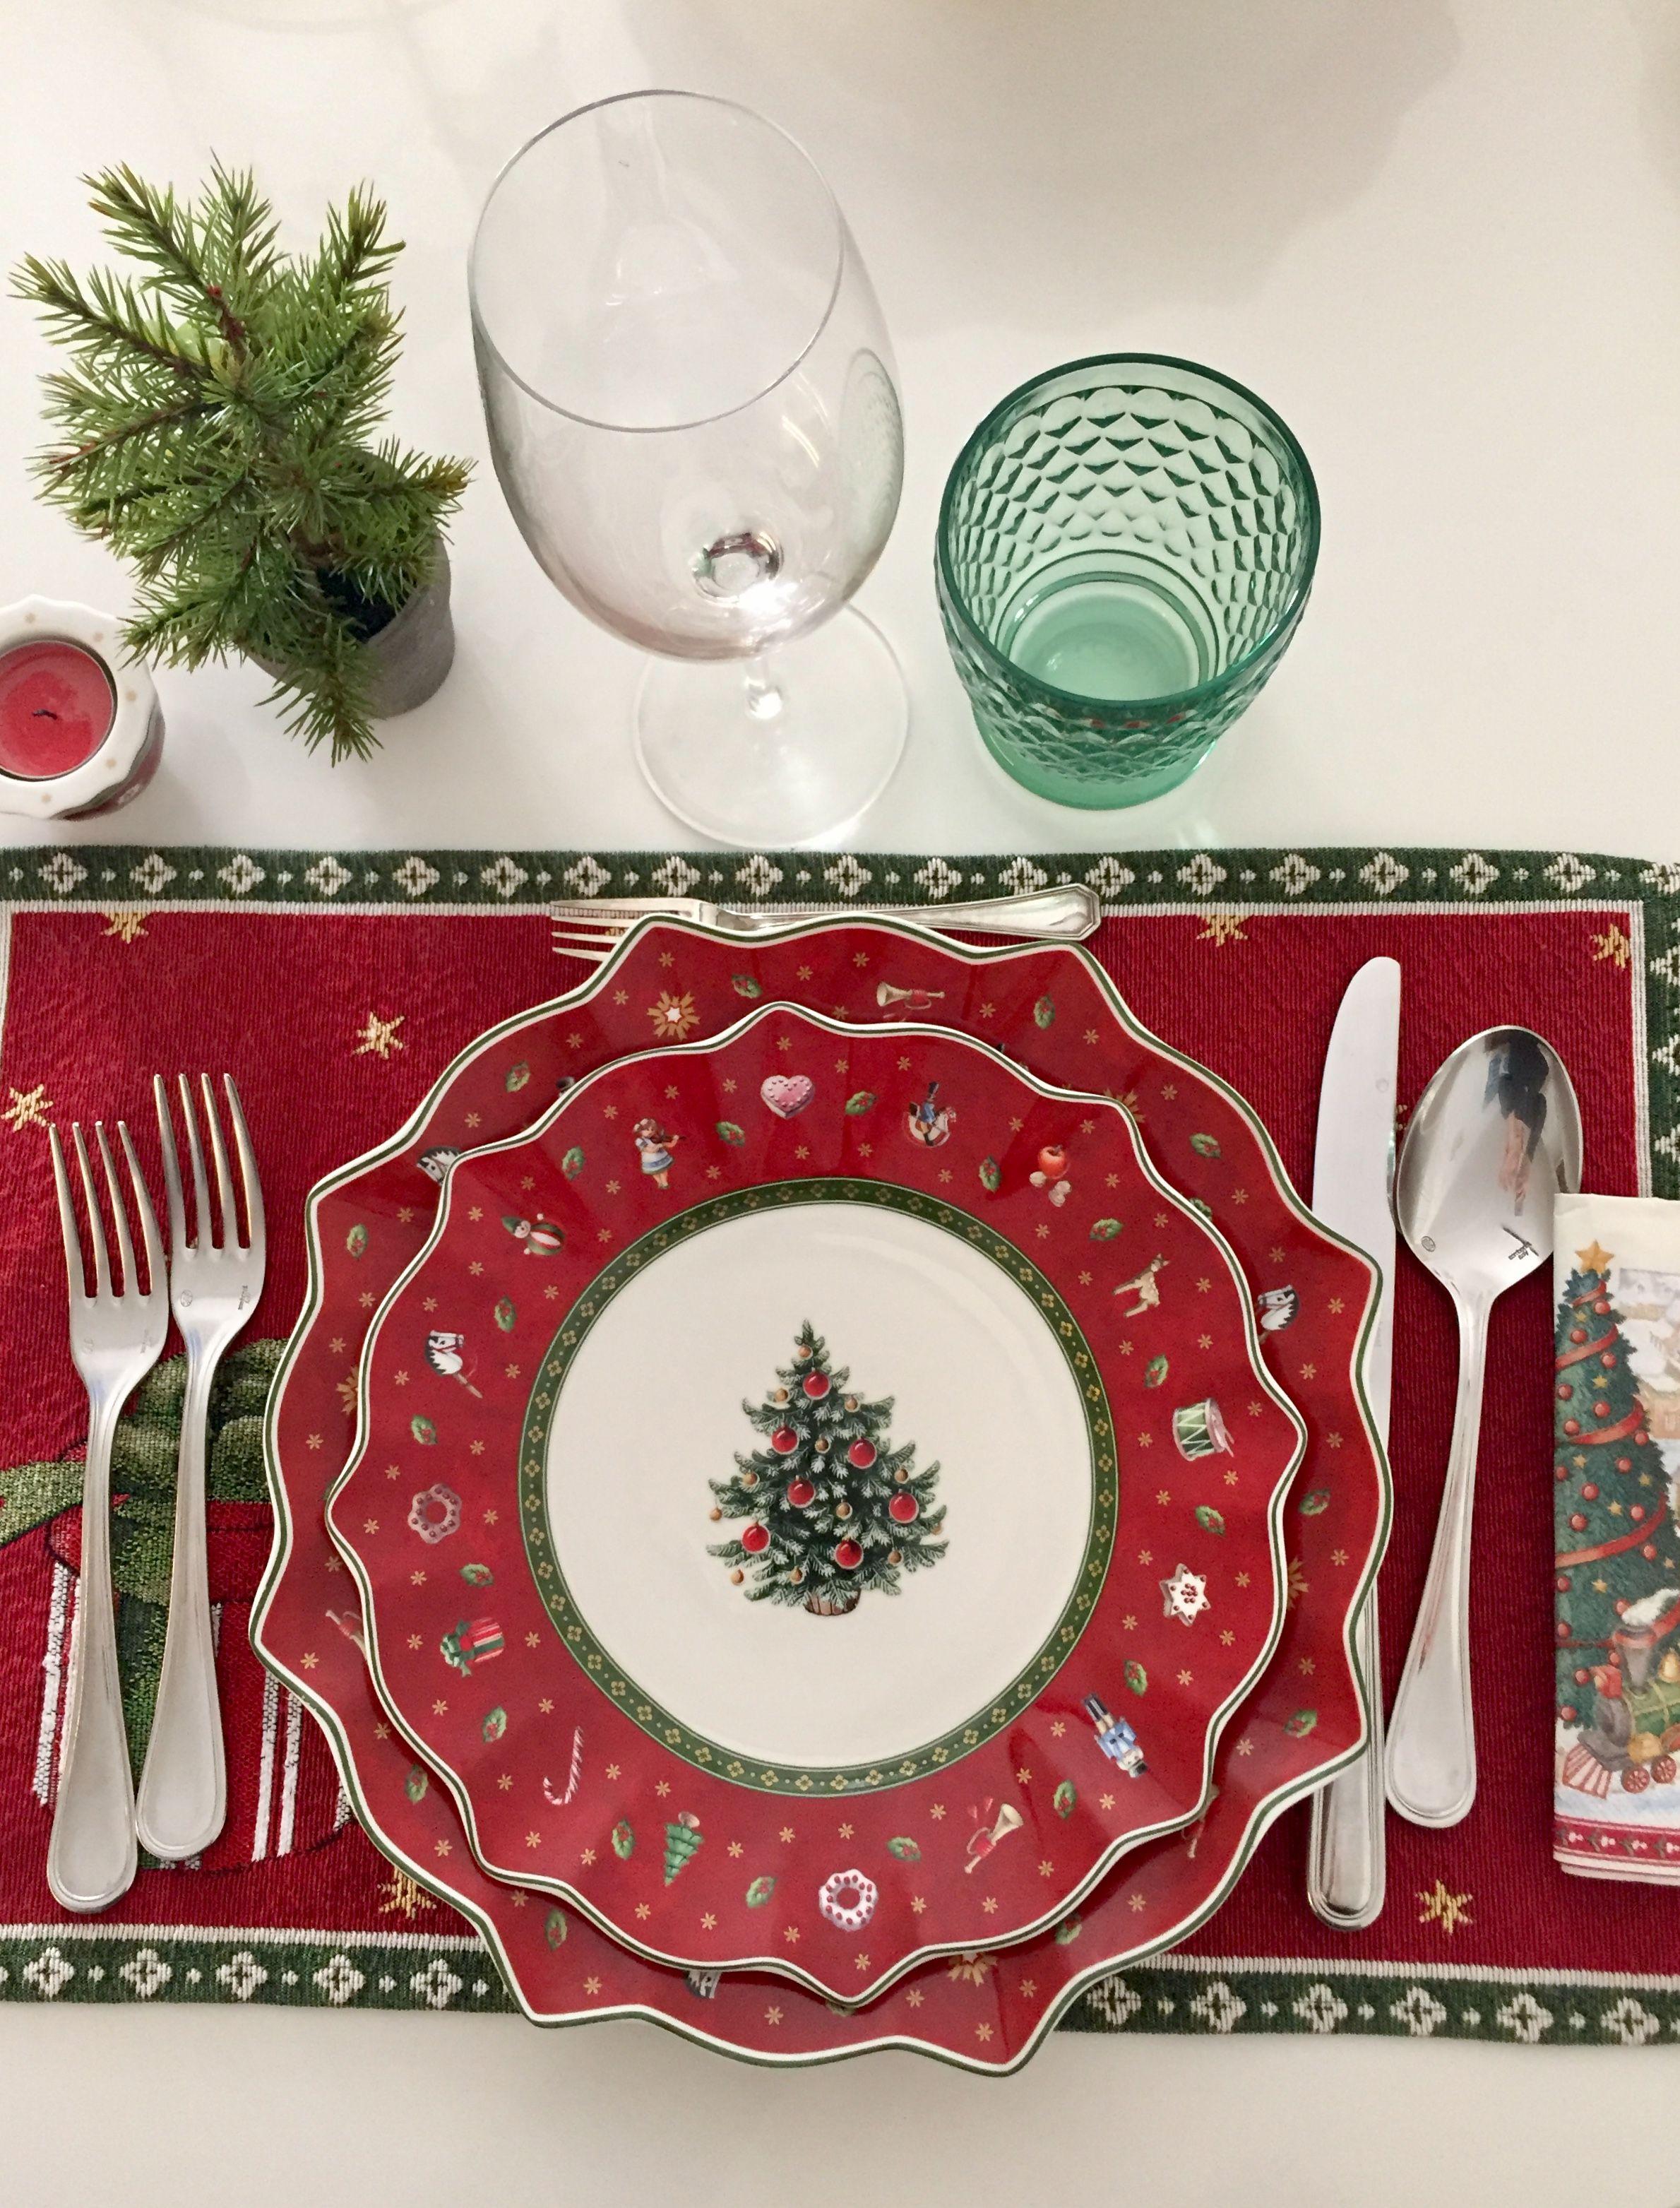 Villeroy E Boch Piatti.Villeroy E Boch Noel Natale Piatti Natalizi Setting The Table